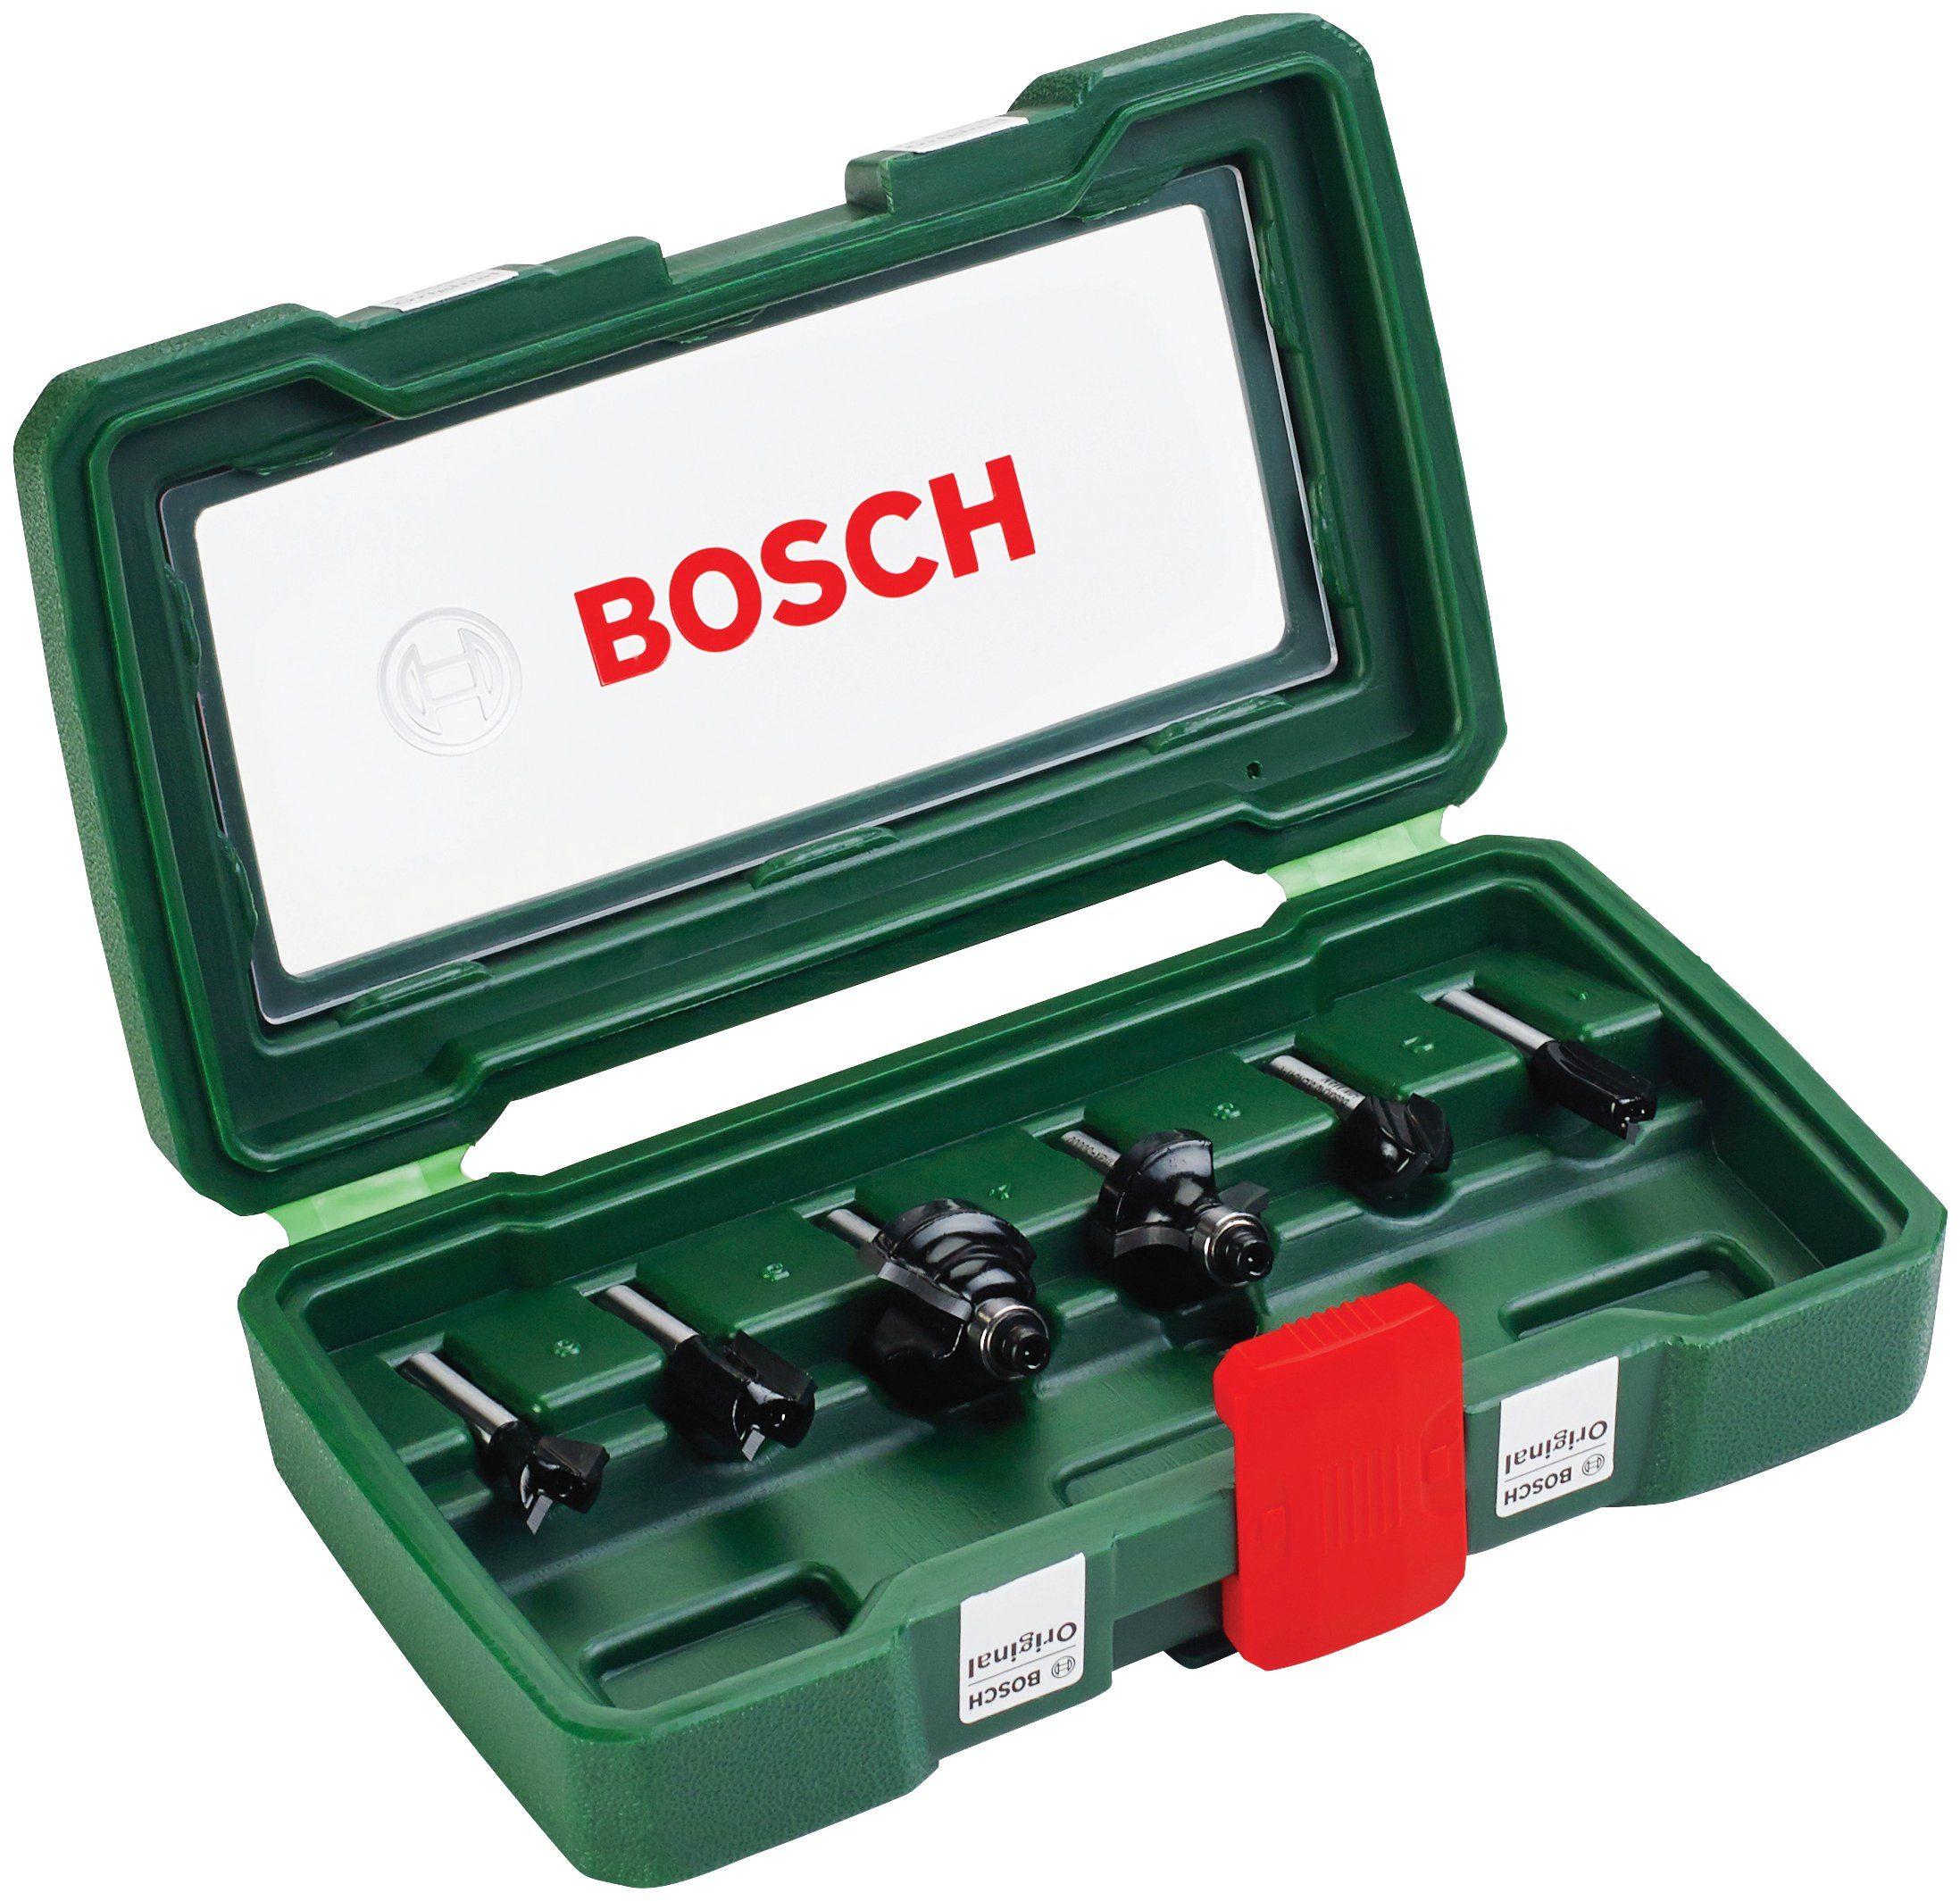 BOSCH Fräser-Set , 6-tlg., 6 mm Schaft